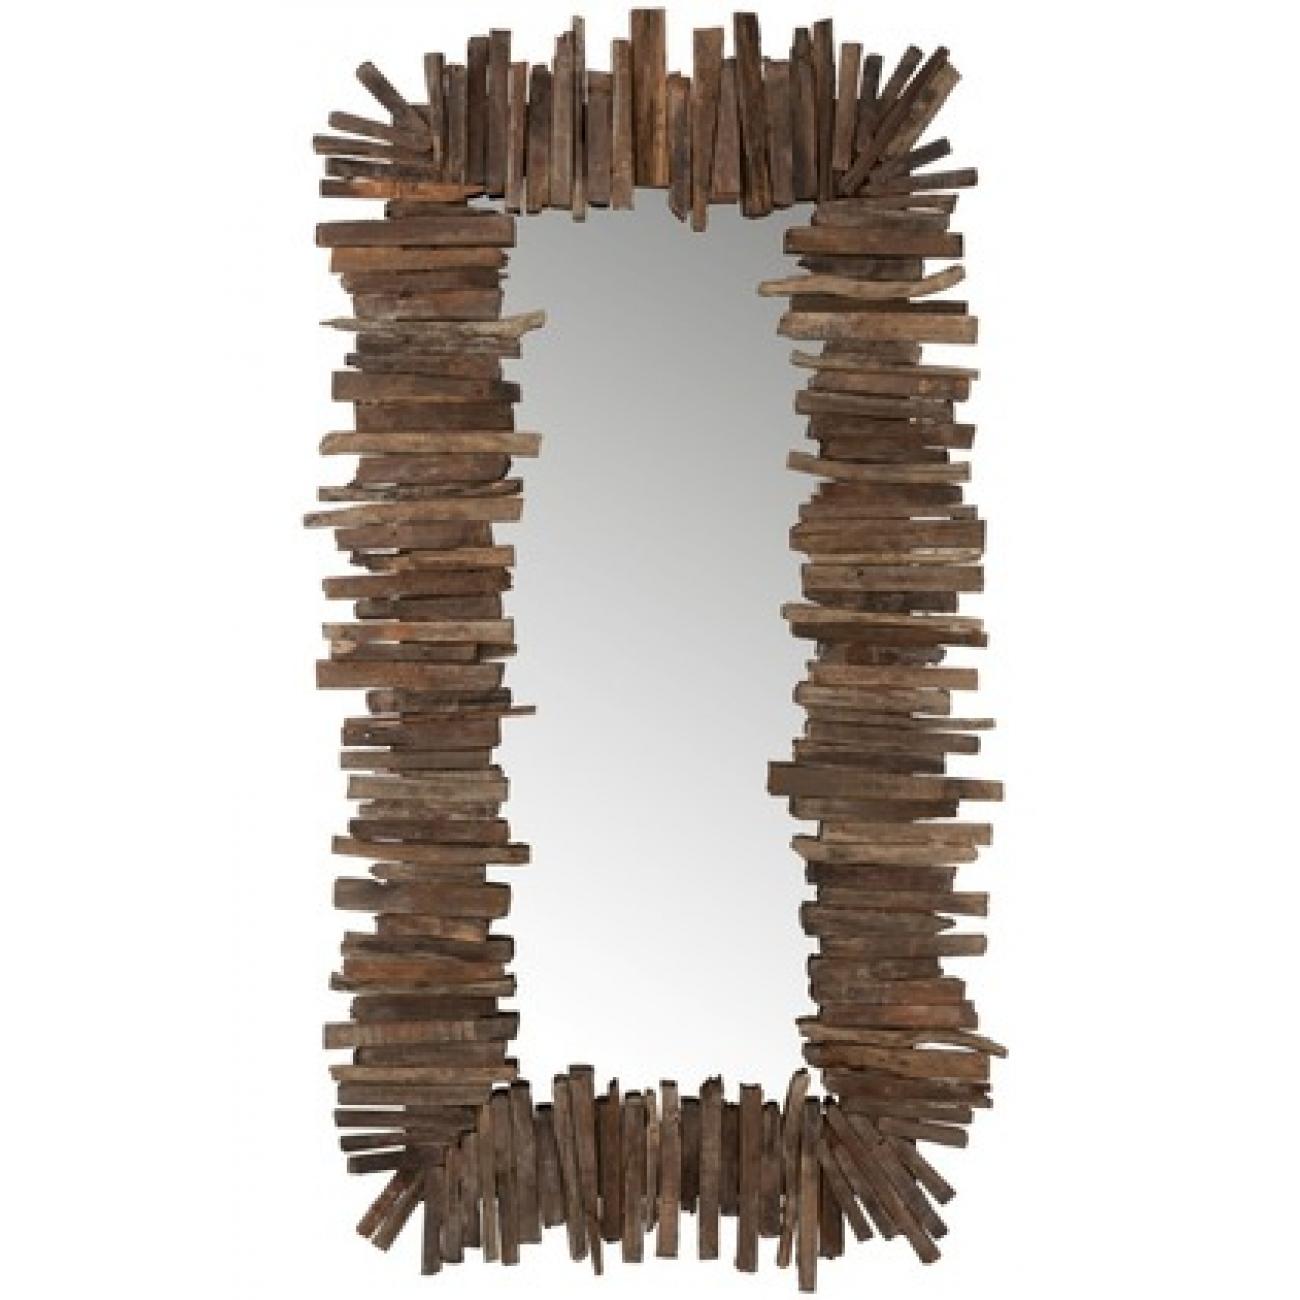 Зеркало J-LINE прямоугольное настенное в деревянной раме с элементами из натурального дерева 95х180 см Бельгия